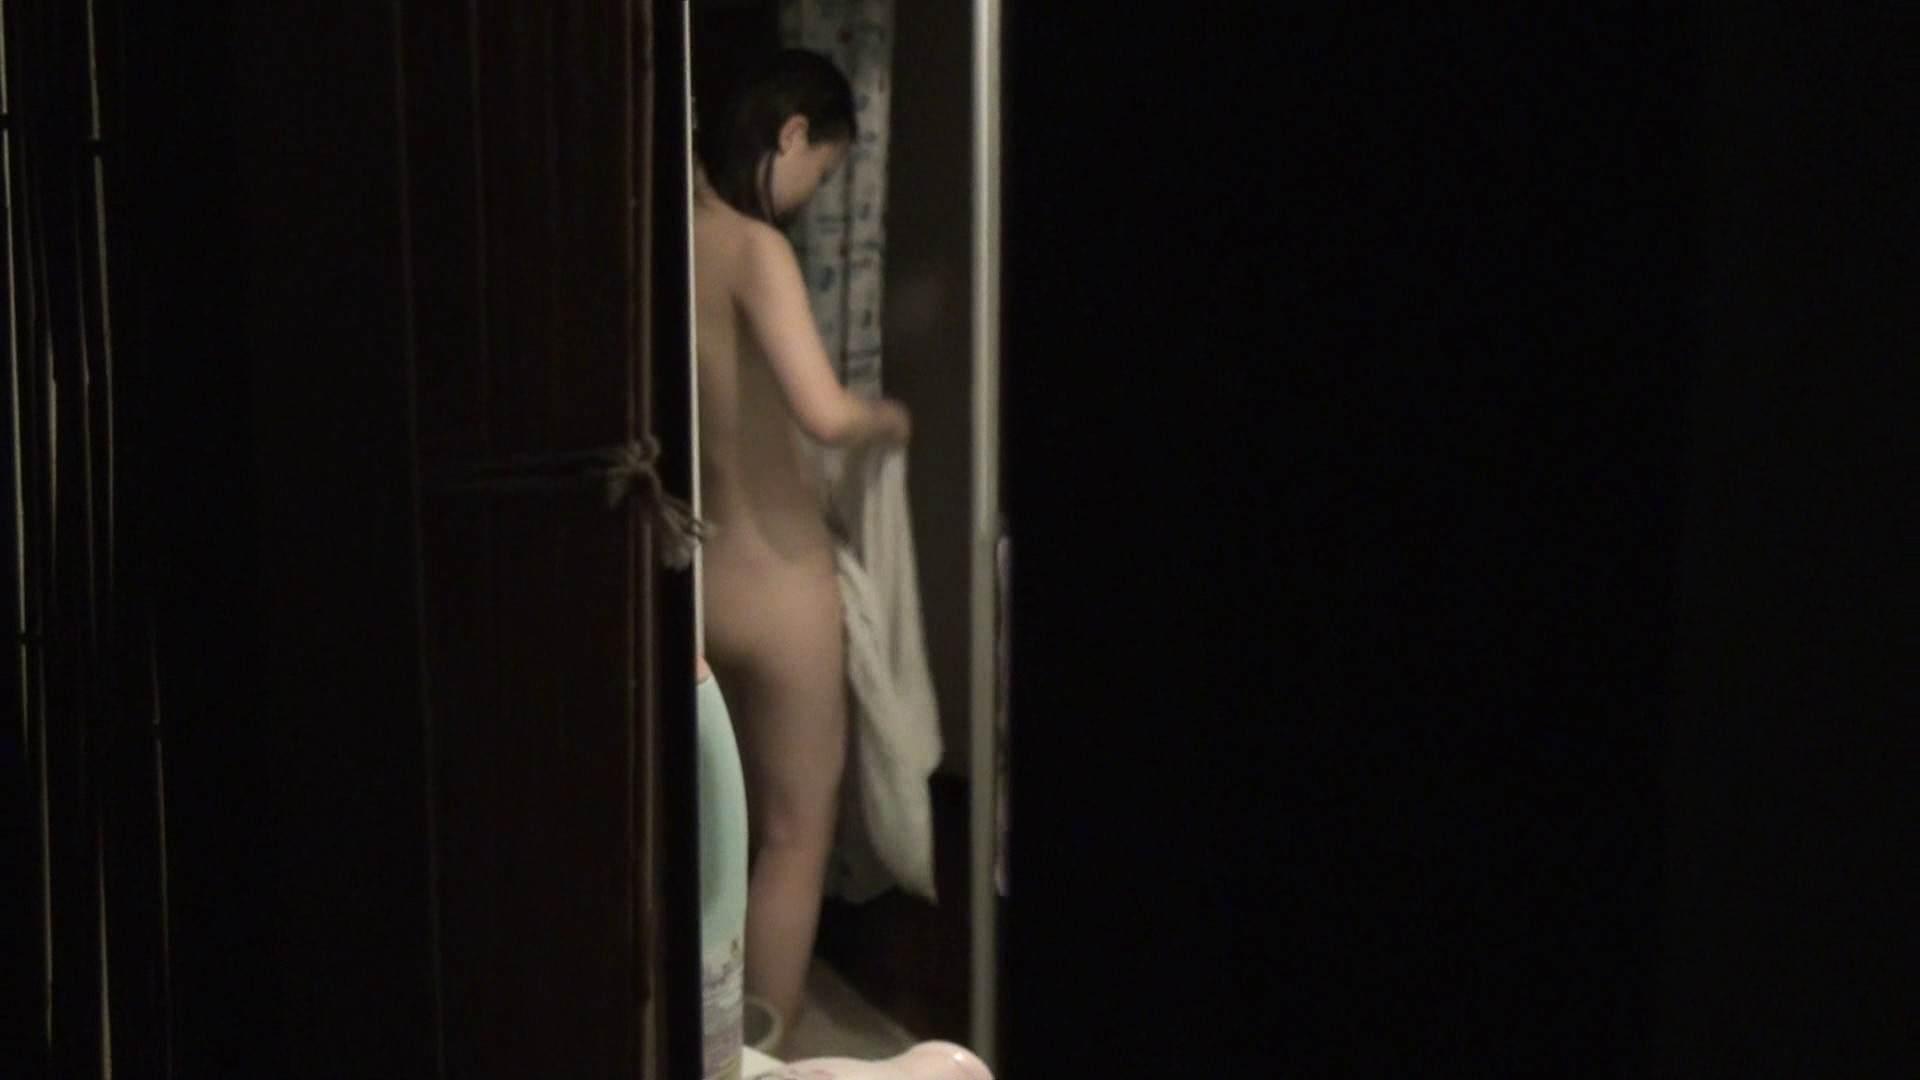 vol.06顔を洗い流す極上お女市さんの裸体をハイビジョンで!風呂上り着替え必見! 盗撮で悶絶 | 着替え  68画像 33